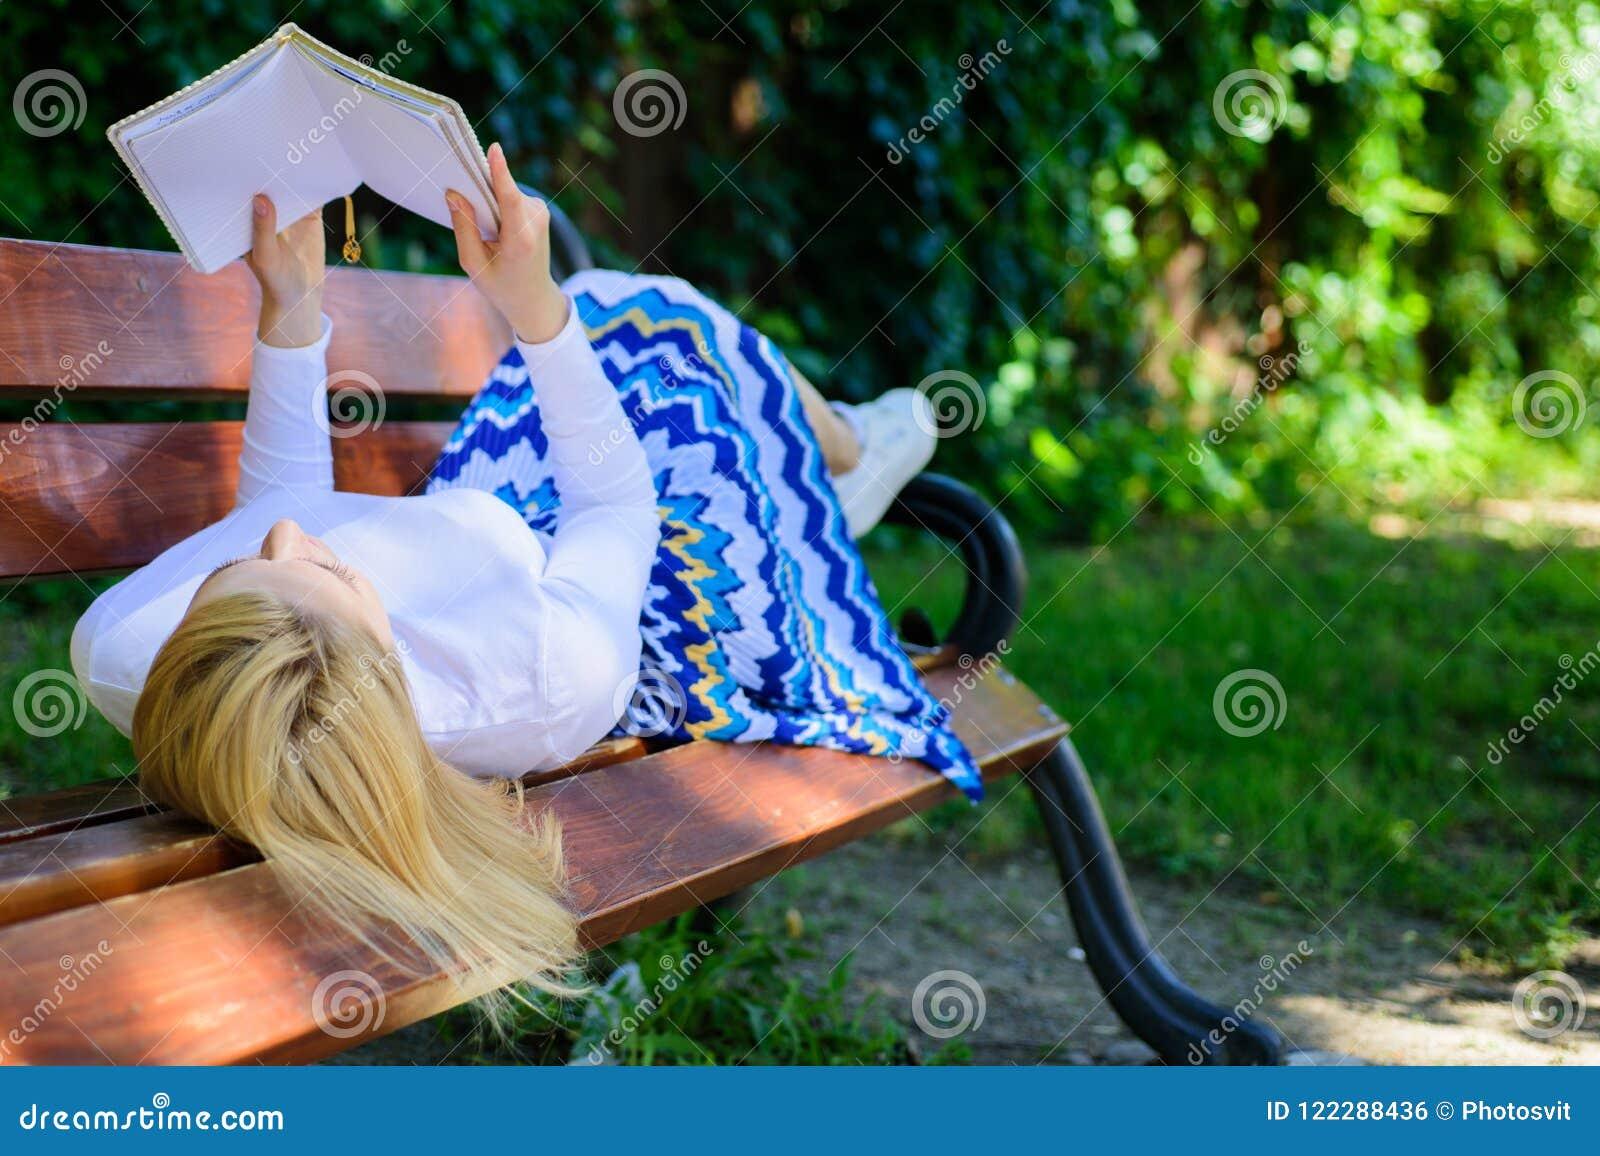 女孩放置放松与书,绿色自然背景的长凳公园 妇女花费与书的休闲 有趣的书 聪明